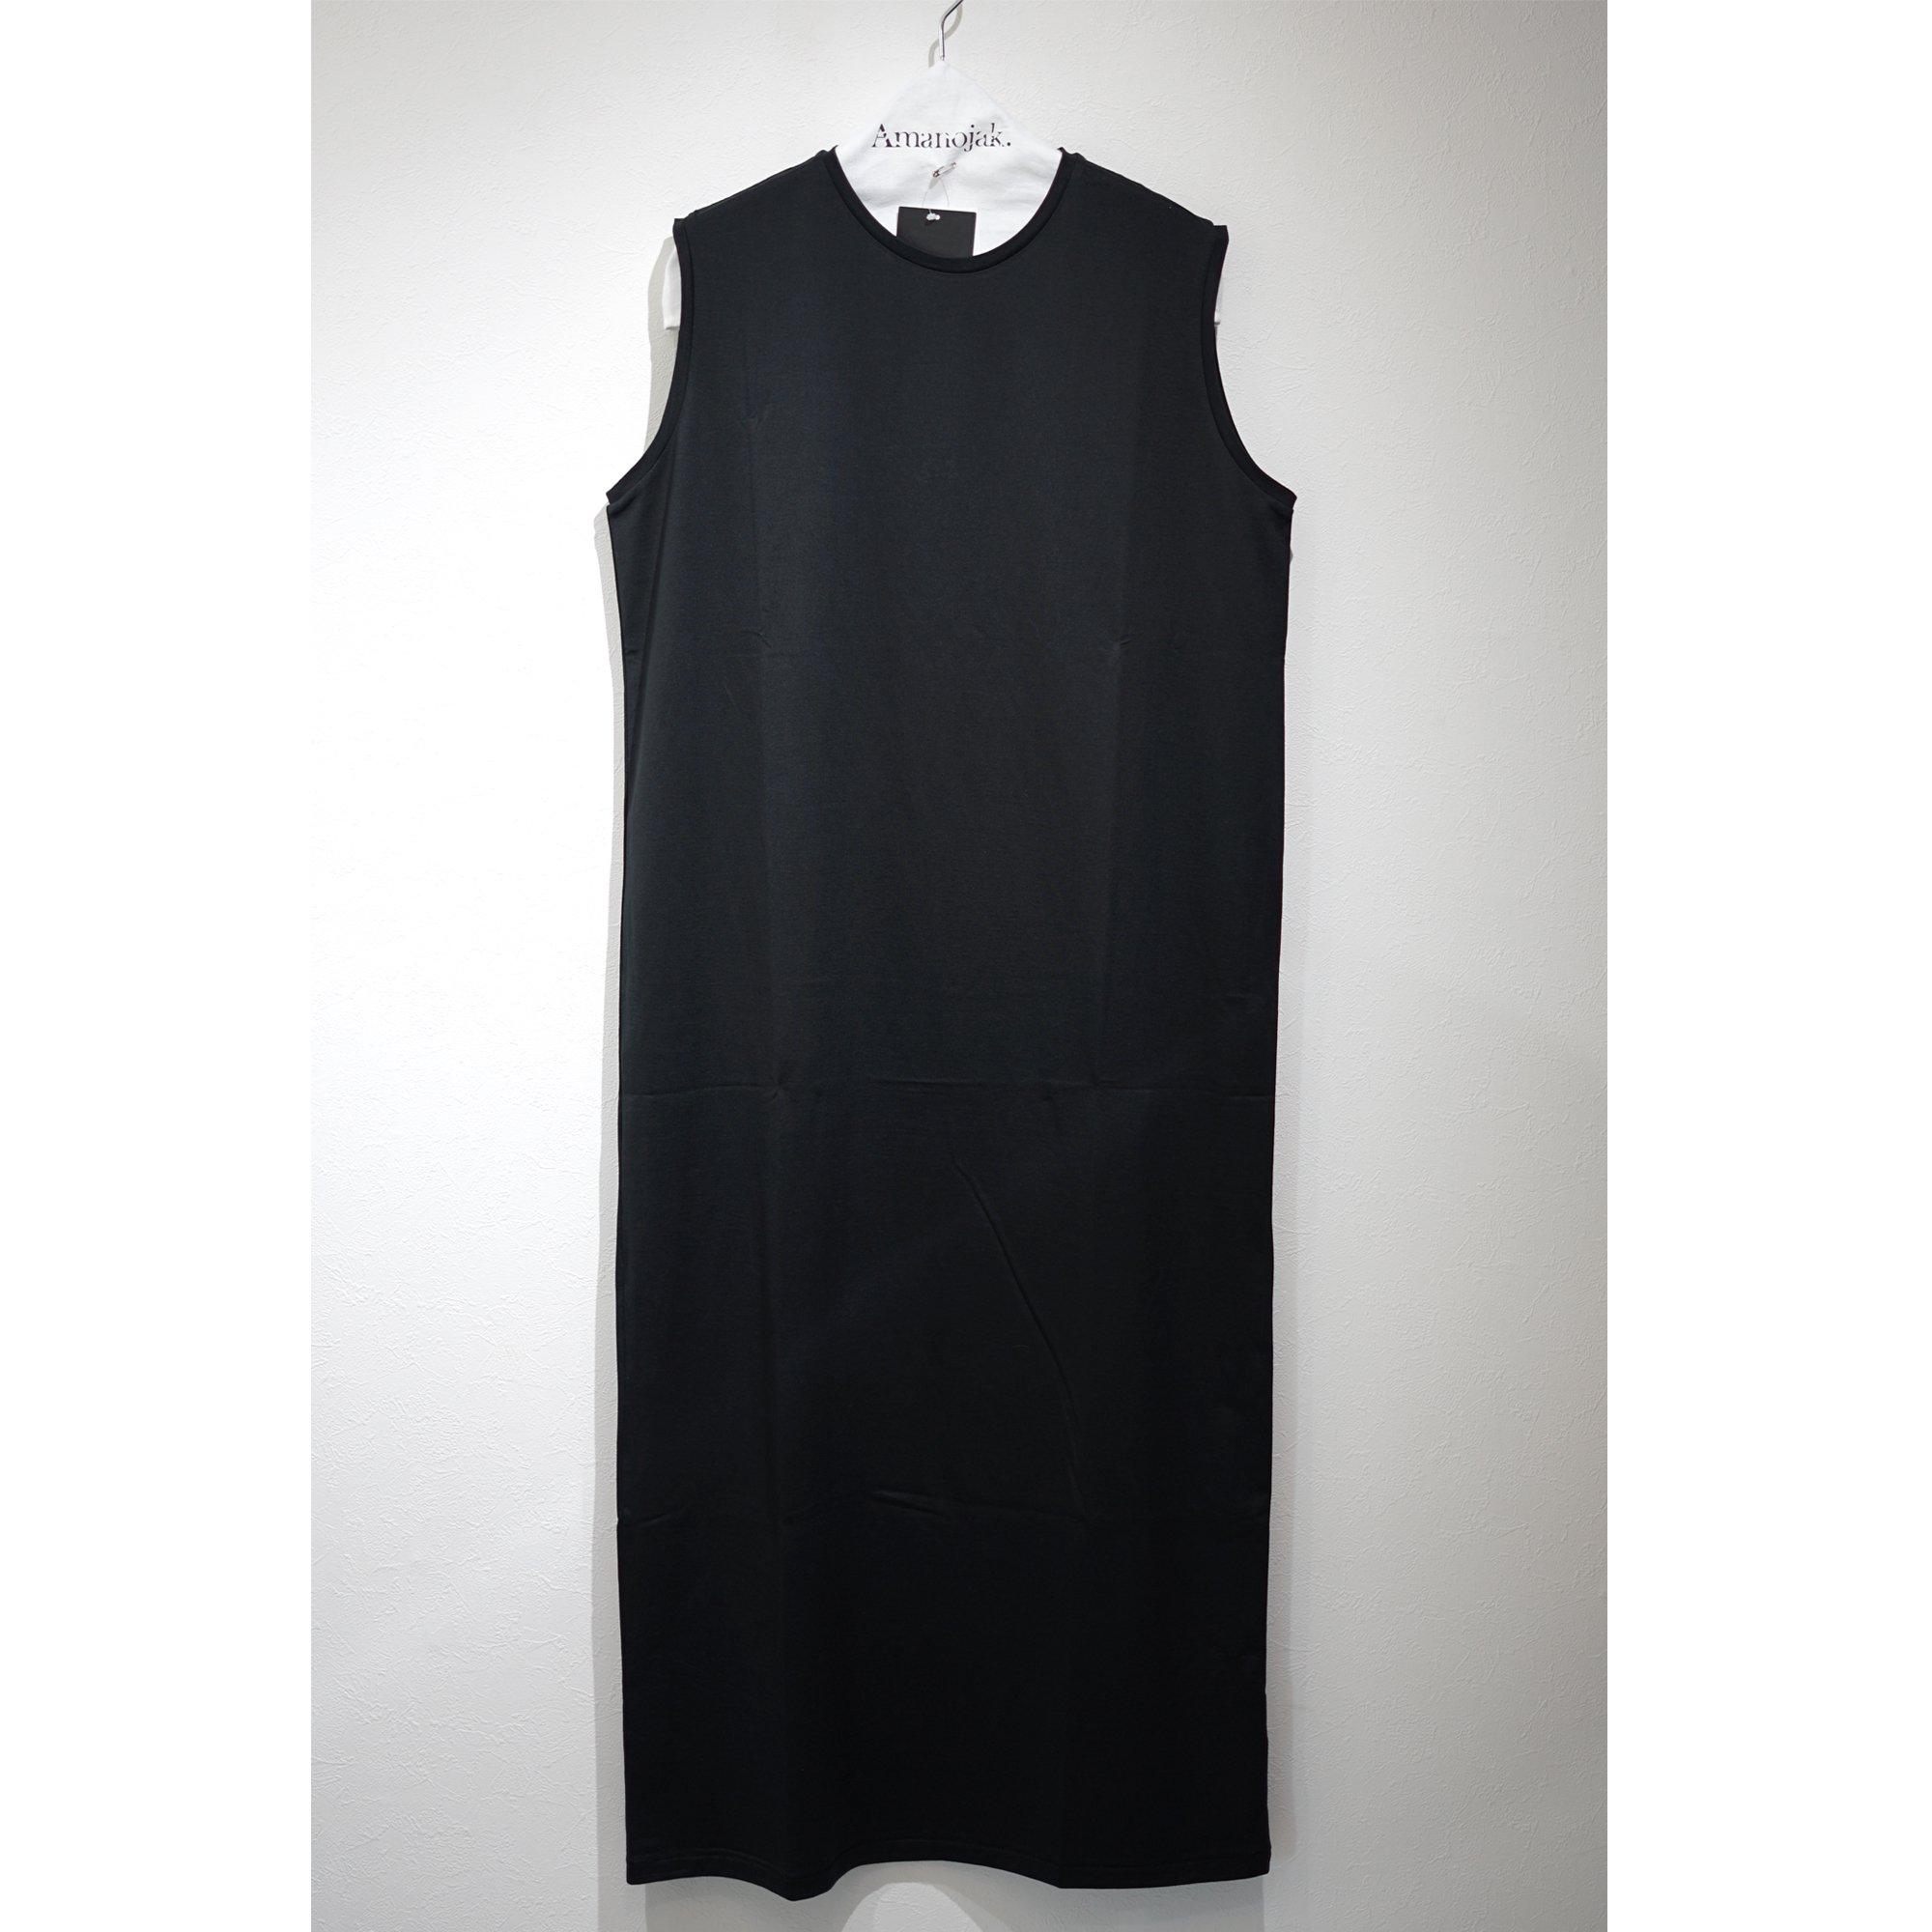 ATON-TANK TOP DRESS BLACK